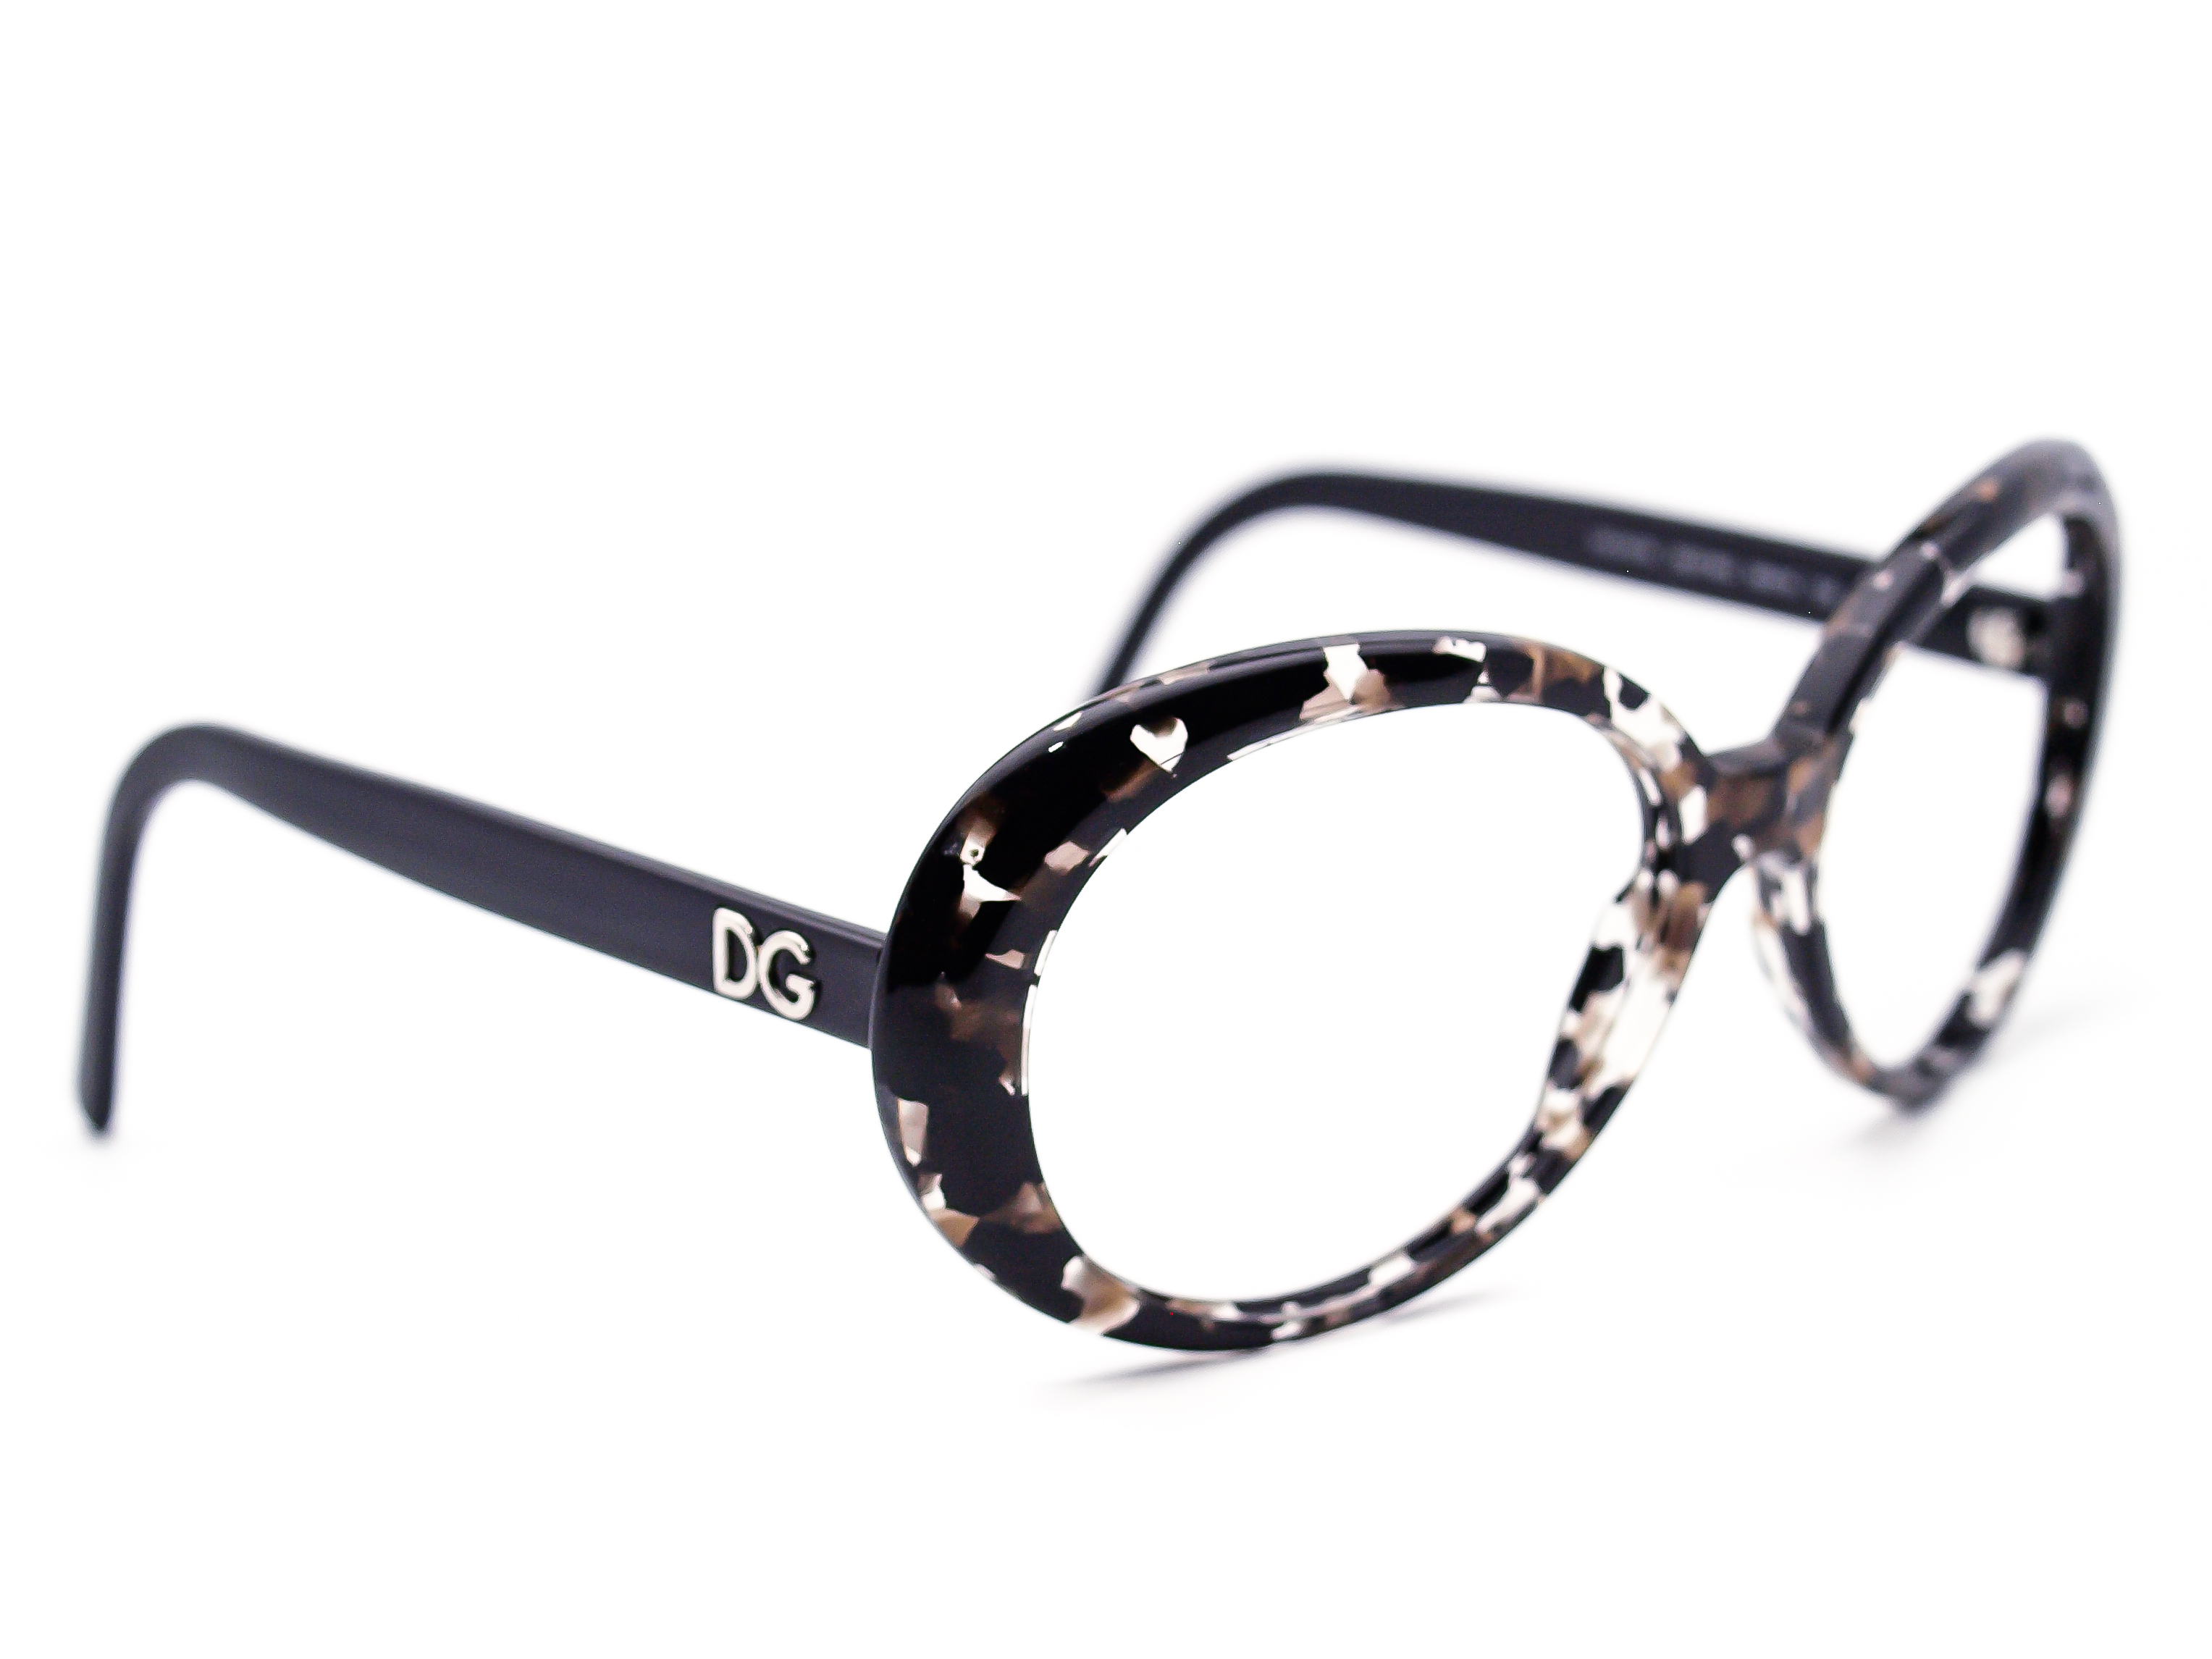 9950cbf2207e Dolce & Gabbana DG 4076 1627/8G Sunglasses Frame Only